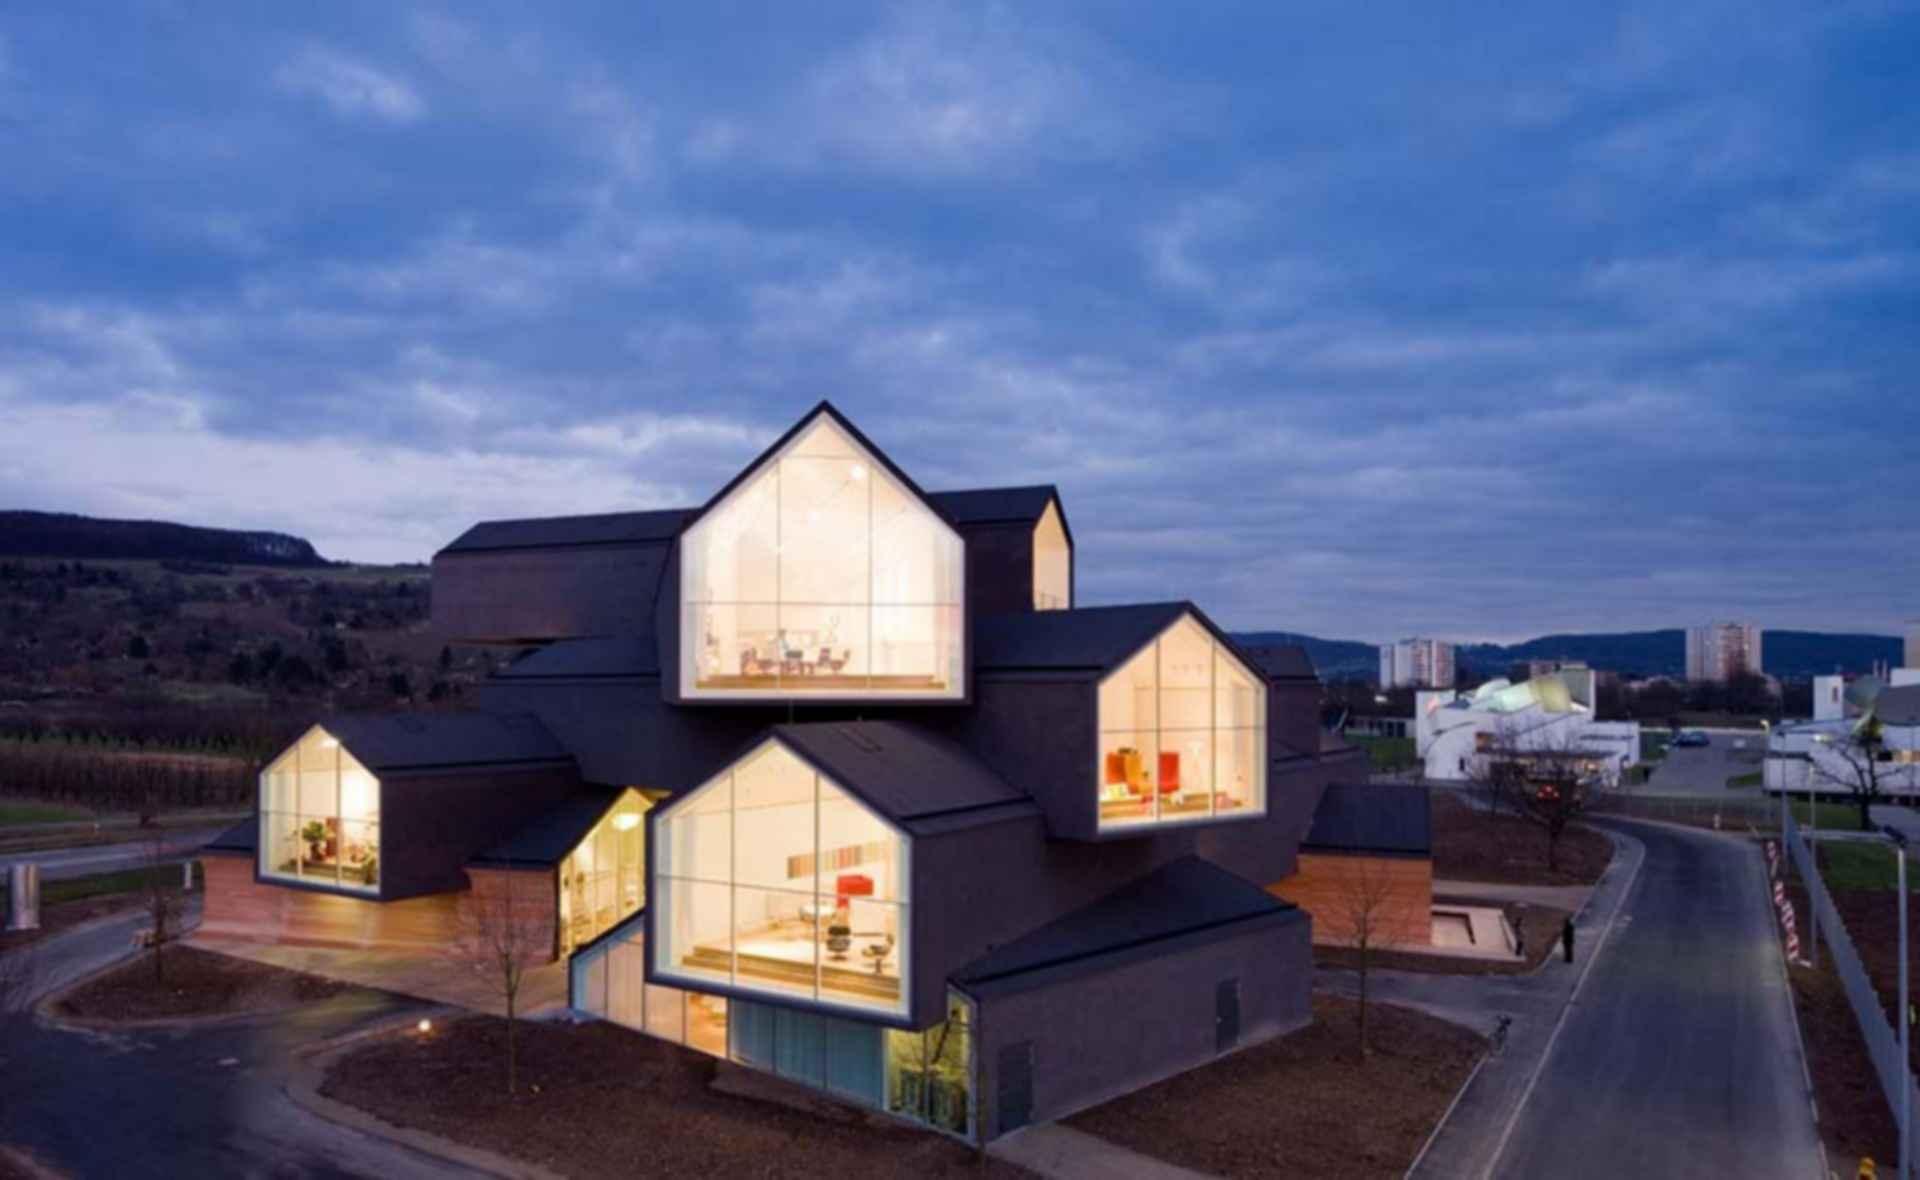 Vitra House - Exterior